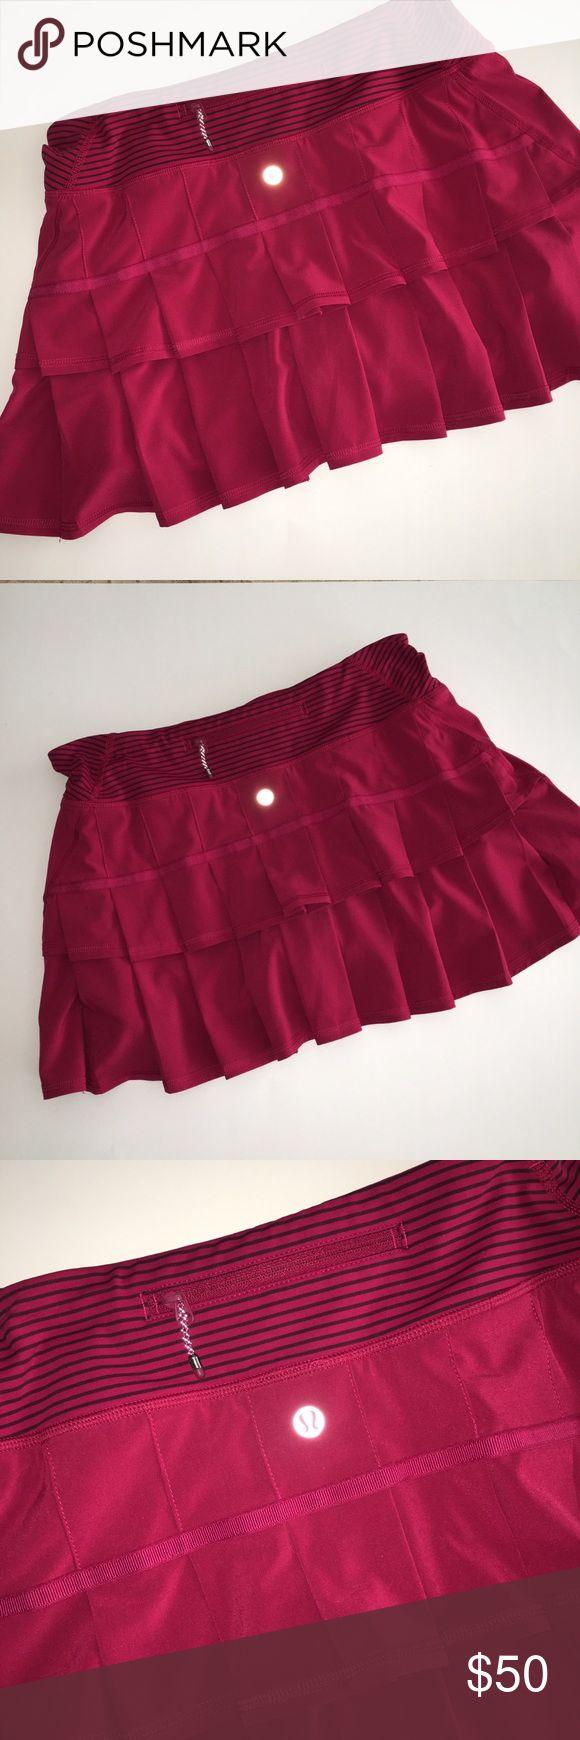 Lululemon Athletica Skirt Lululemon Athletica Skirt. In excellent condition. lululemon athletica Skirts